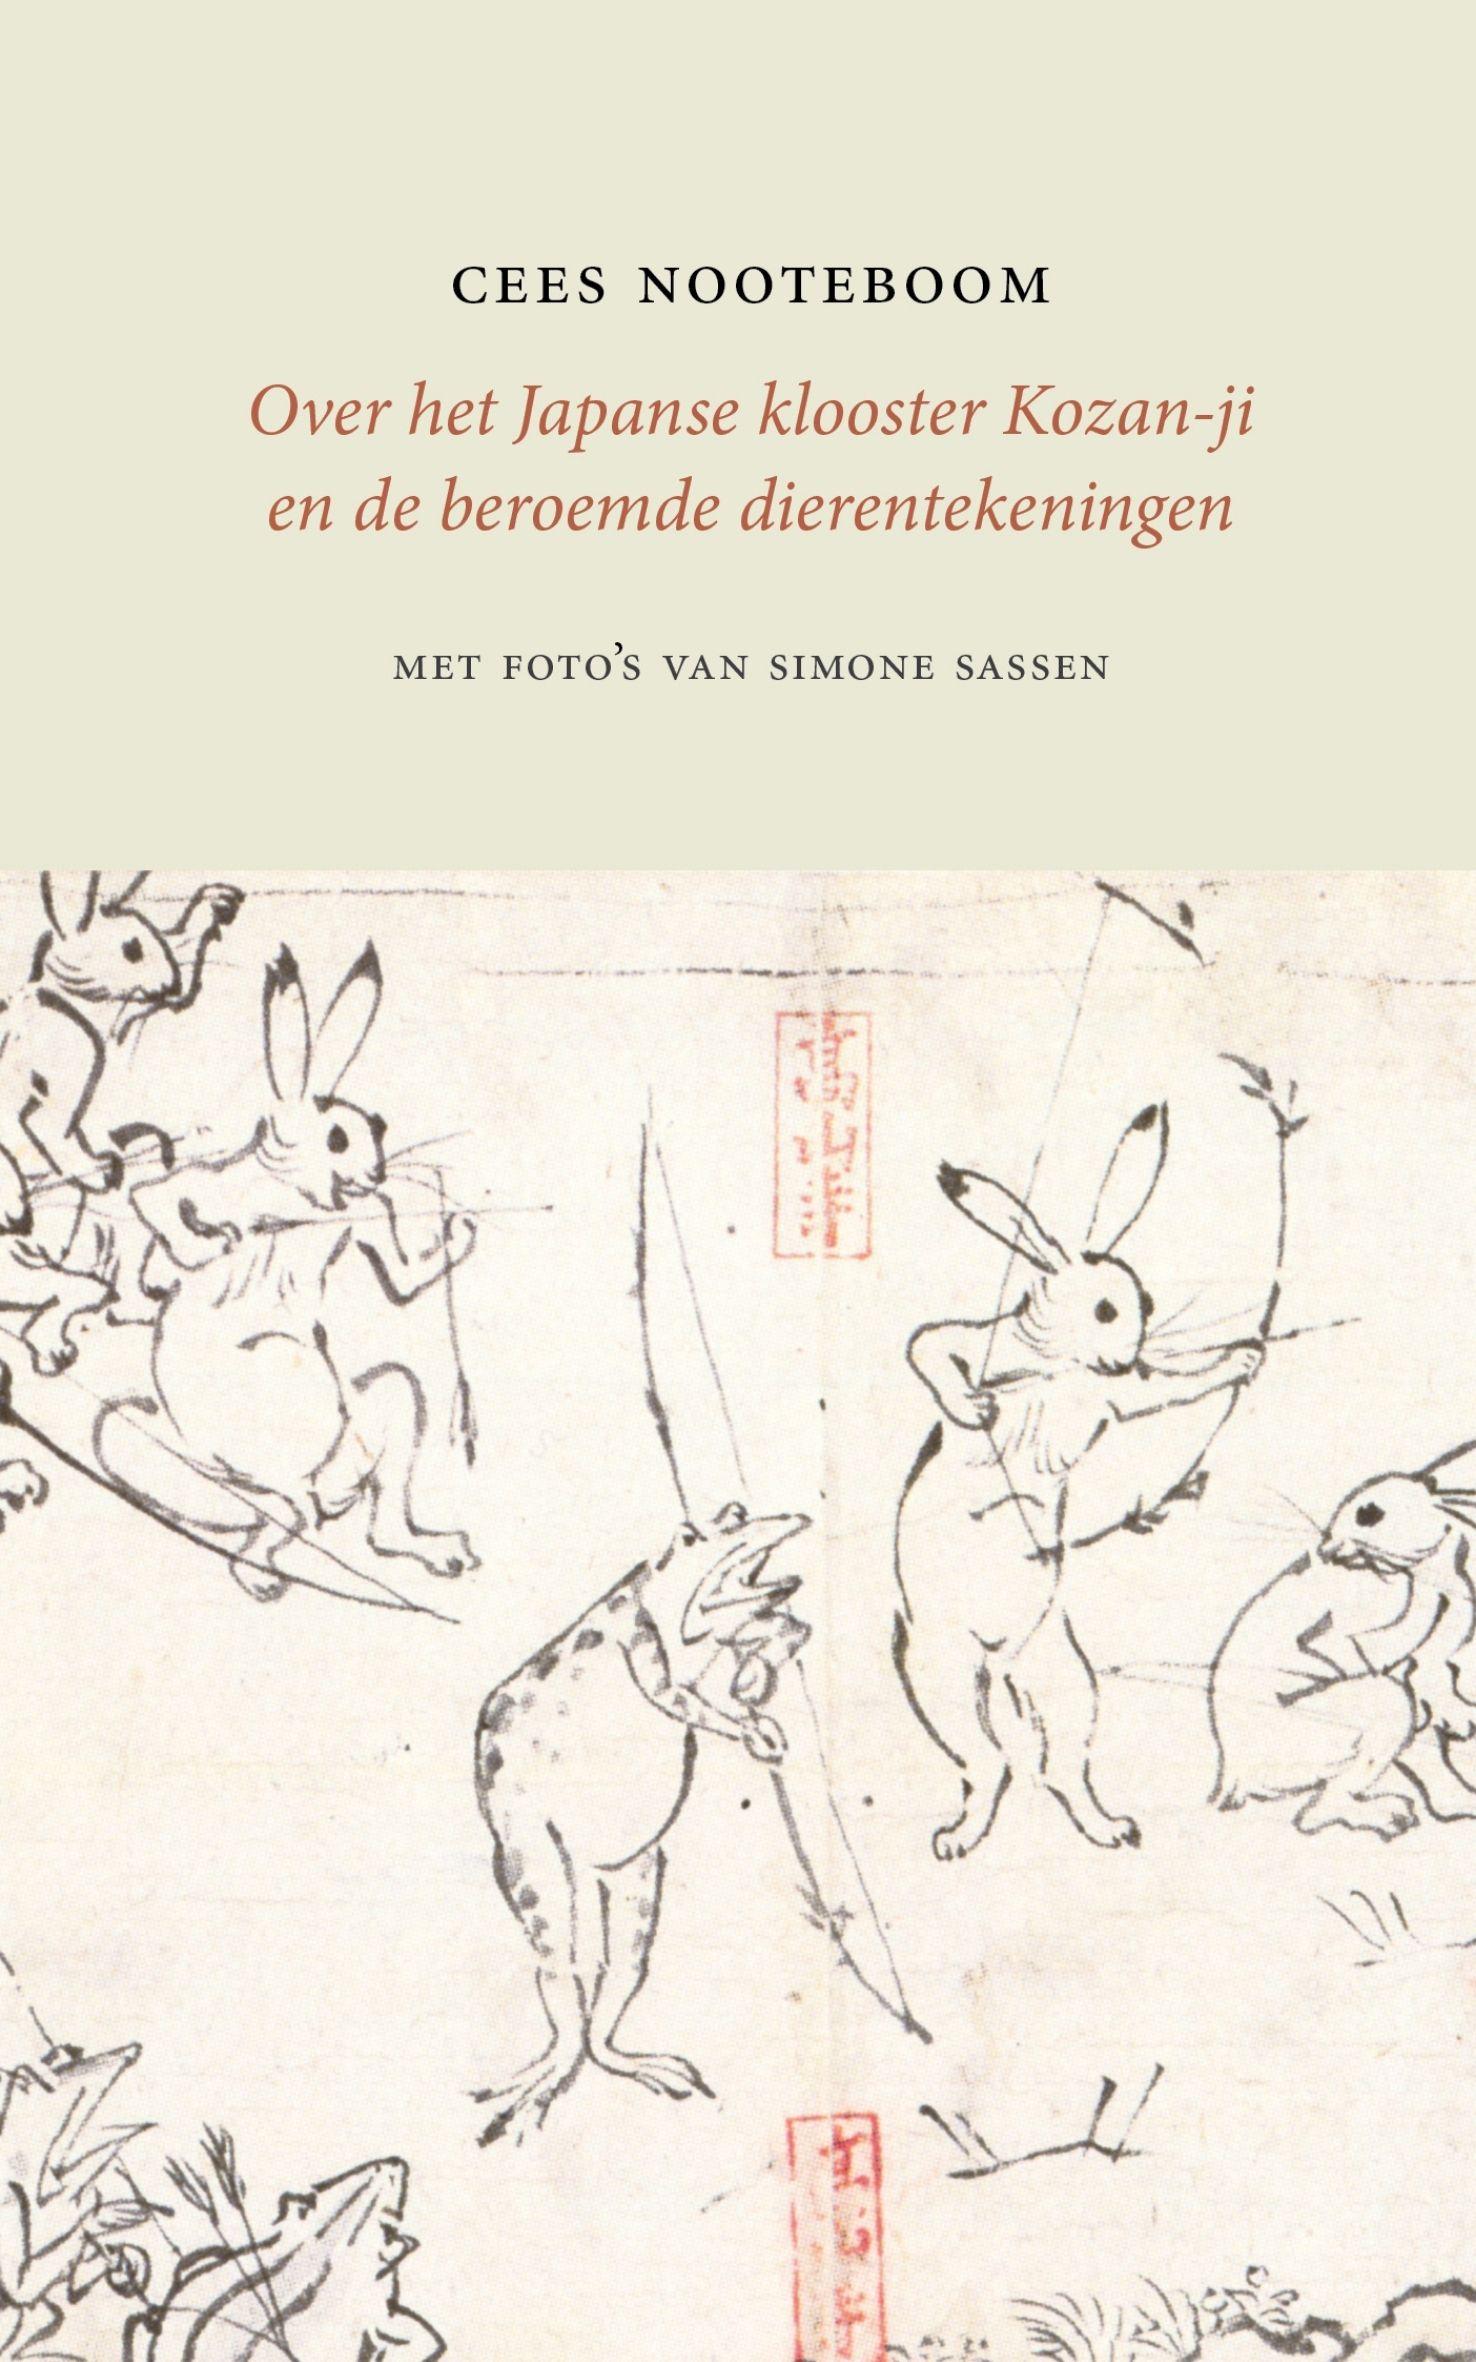 Over het Japanse klooster Kozan-ji en de beroemde dierentekeningen – Cees Nooteboom